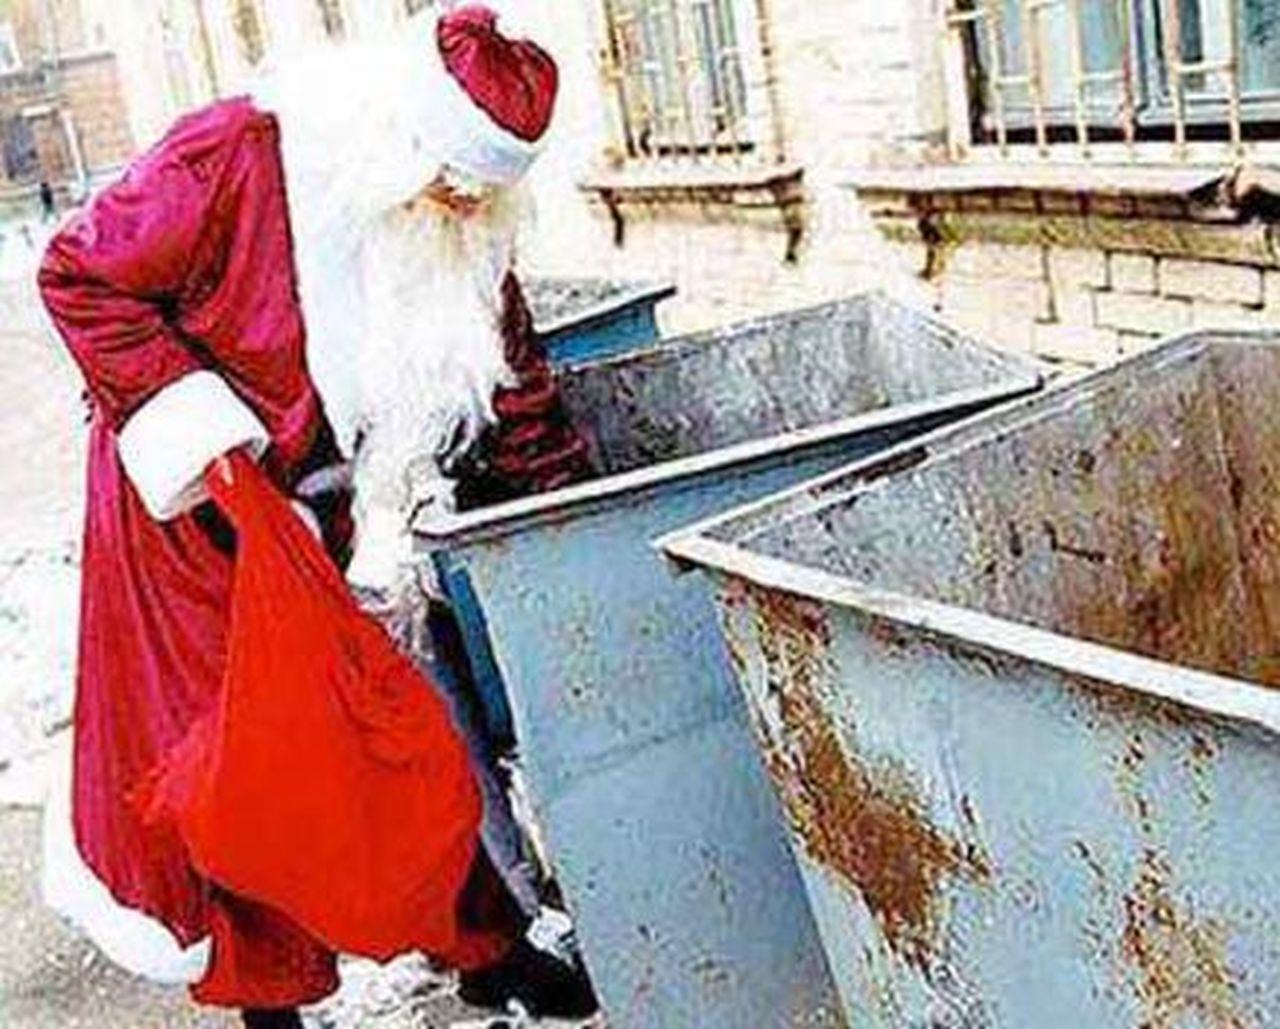 Covid, allarme Natale: 4 milioni di italiani diventeranno poveri